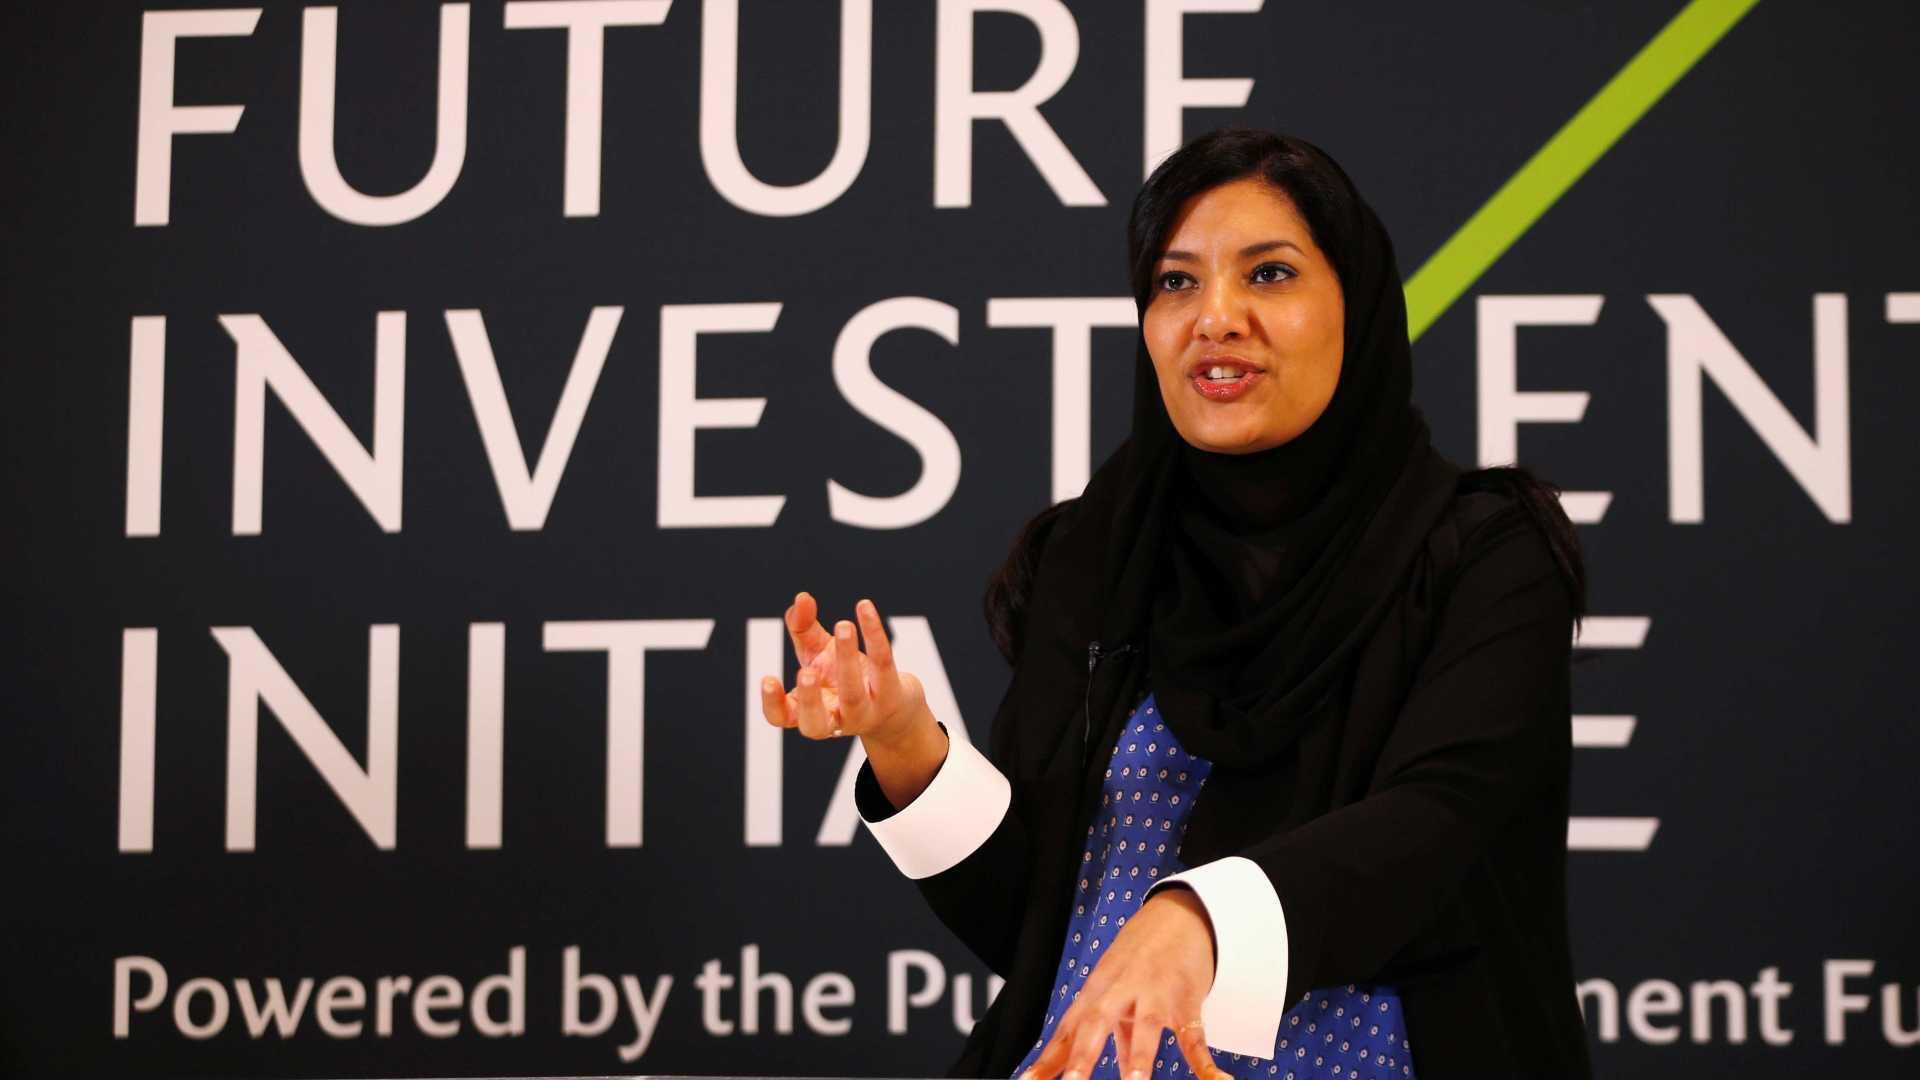 inédito: arábia saudita nomeia mulher como embaixadora em washington - Reema bint Banda - Inédito: Arábia Saudita nomeia mulher como embaixadora em Washington